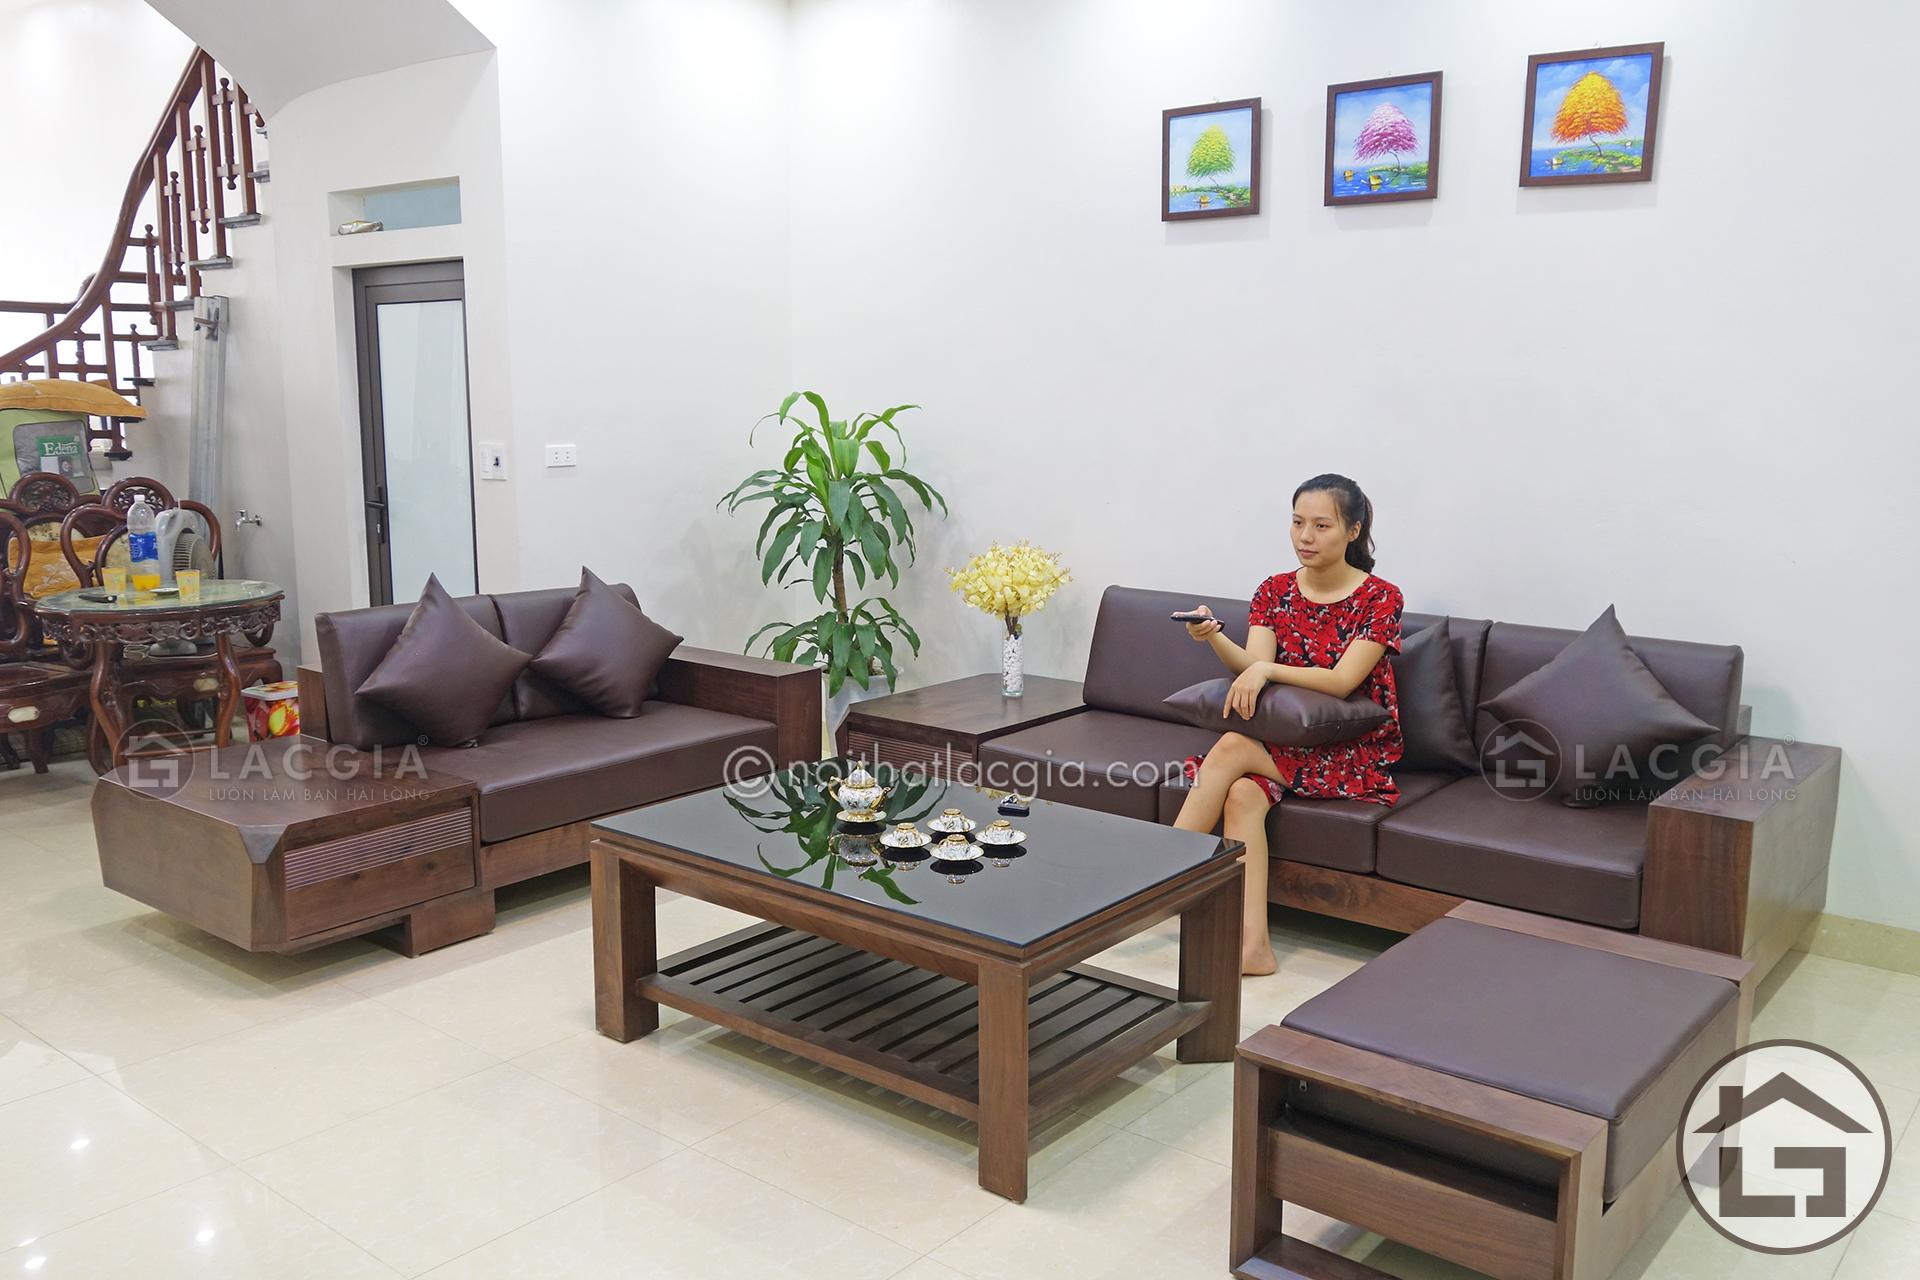 Cấu tạo ghế sofa gỗ đẹp tại Lạc Gia bao gồm 3 bộ phận 1